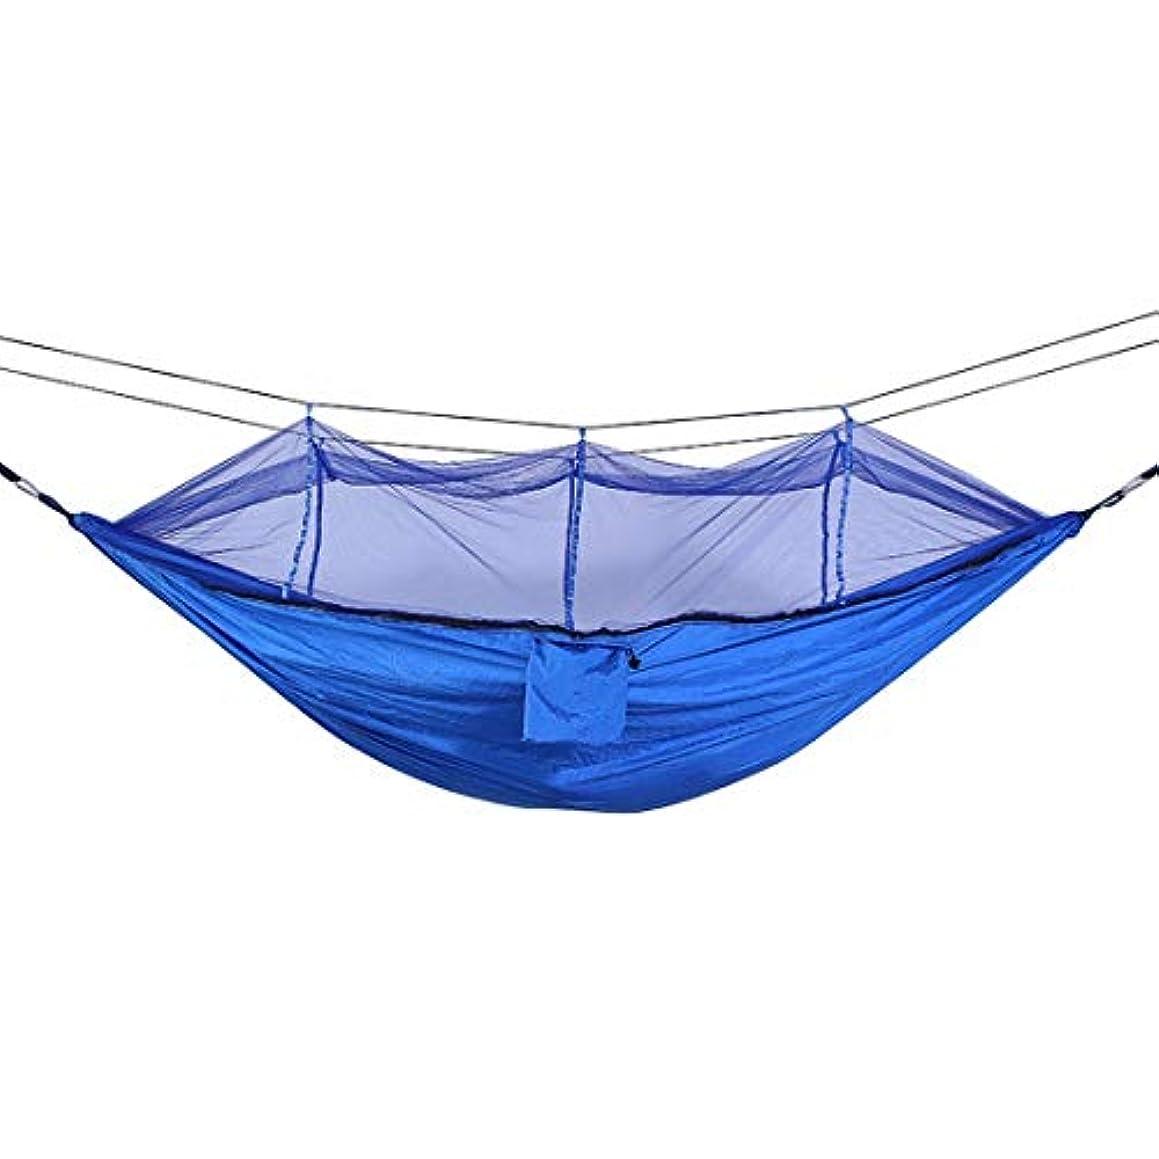 ベンチ吐き出す対応するDingfei 屋外キャンプテントハンモック蚊帳超軽量ナイロンアンチロールオーバーダブルハンモック